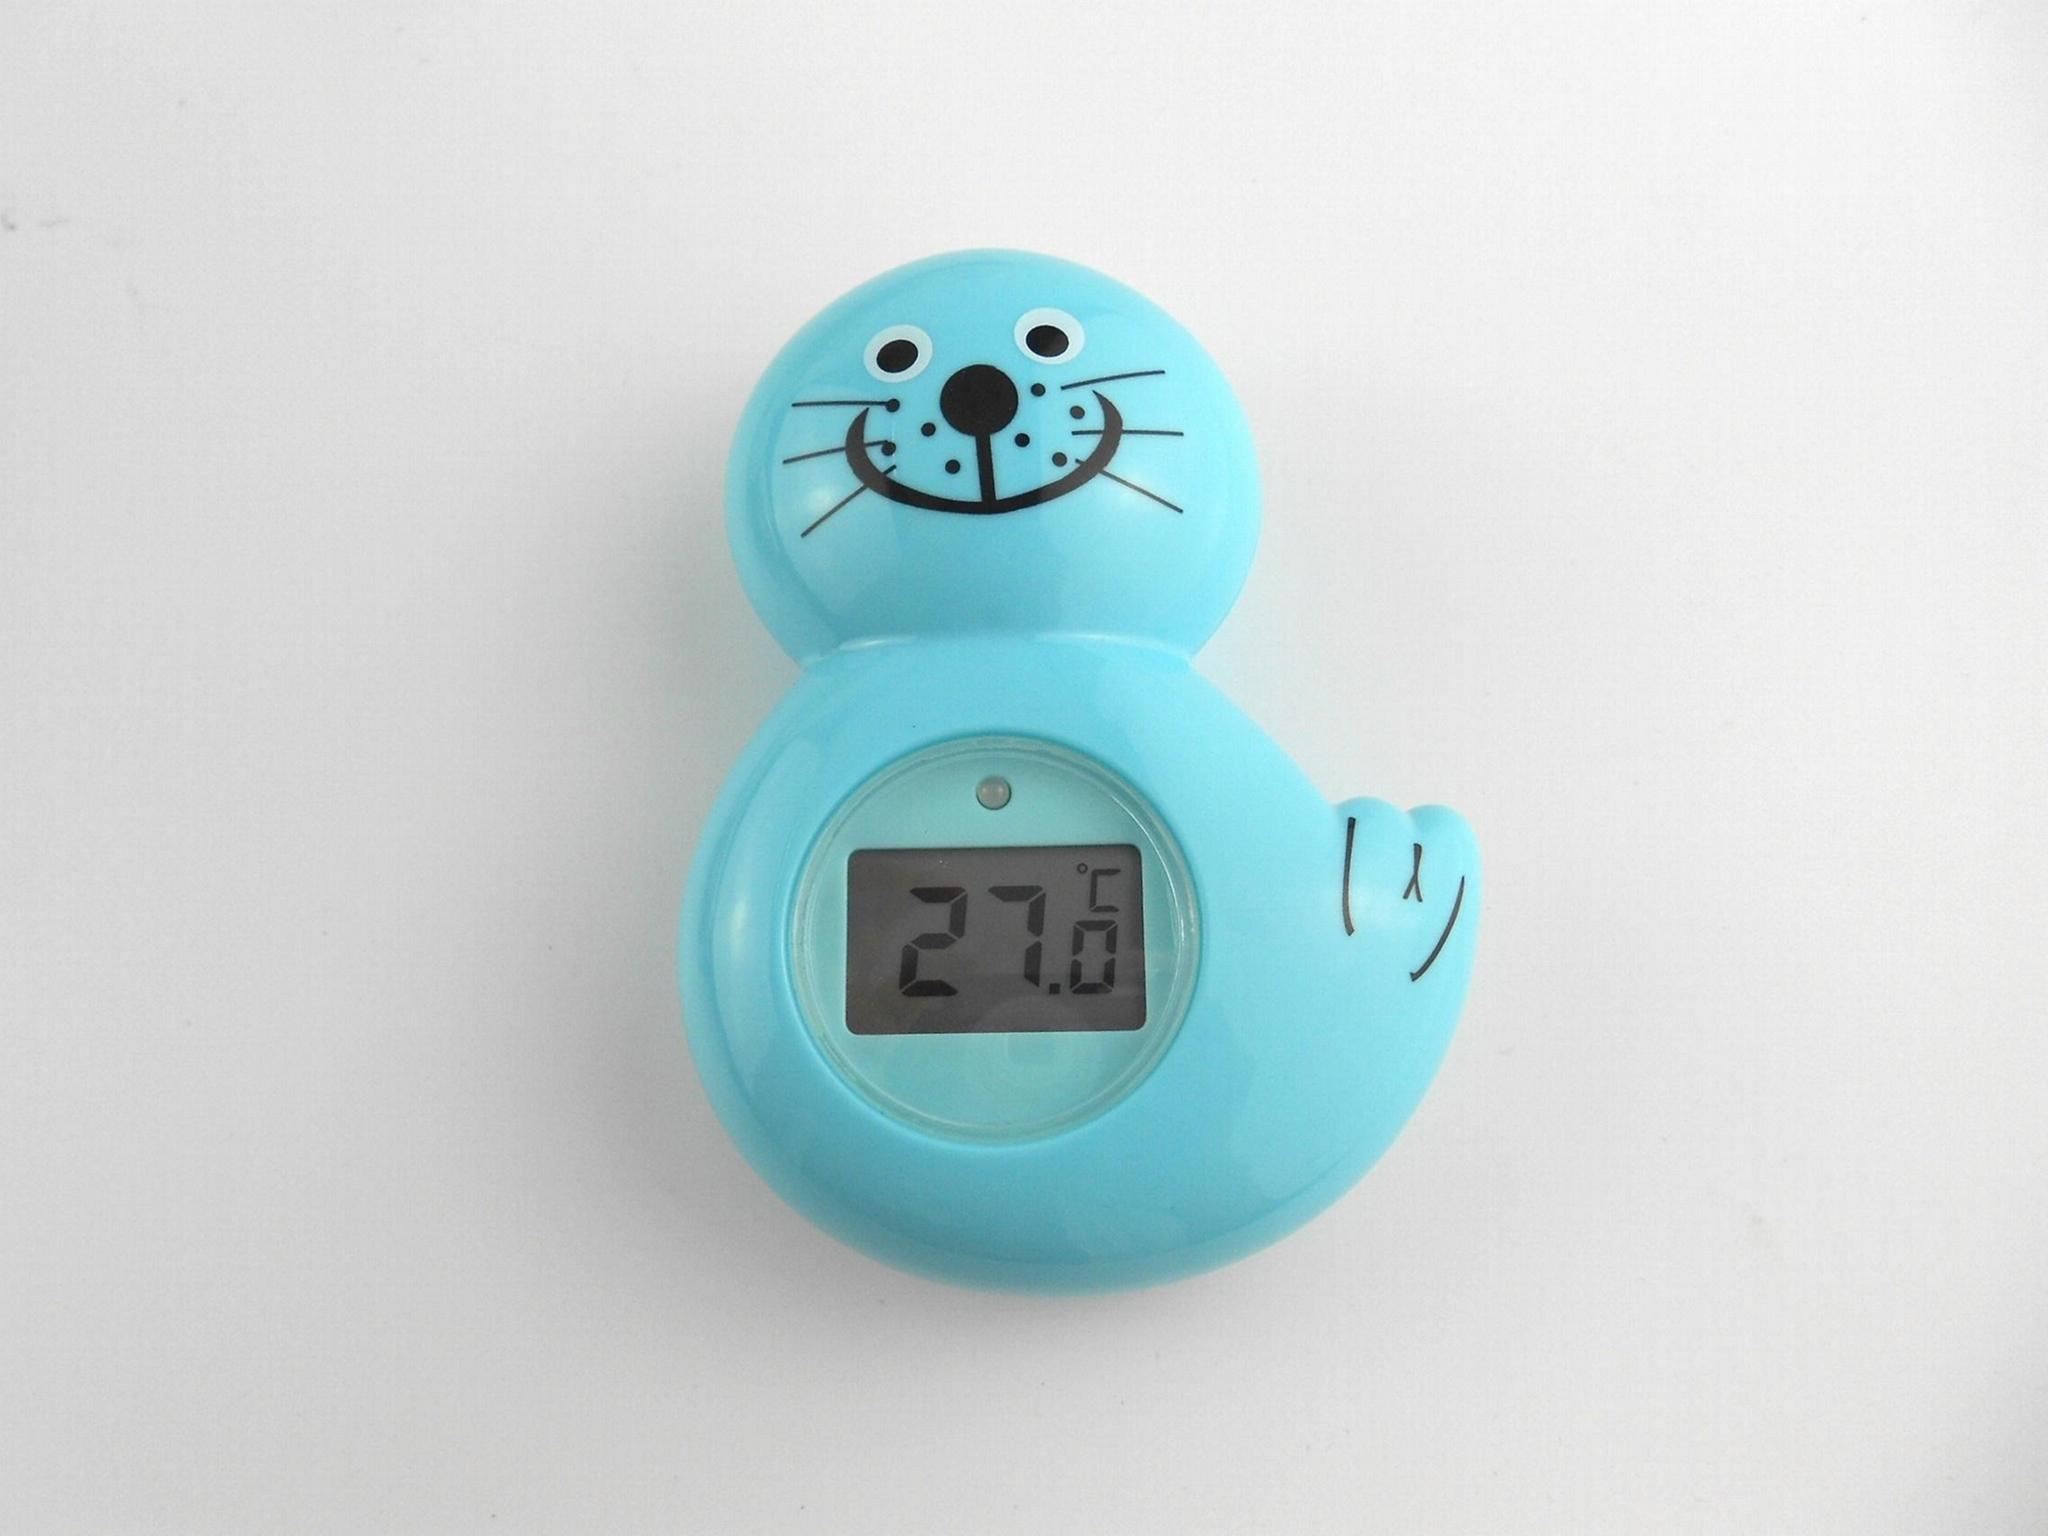 海獅浴缸室內兩用溫度計 1